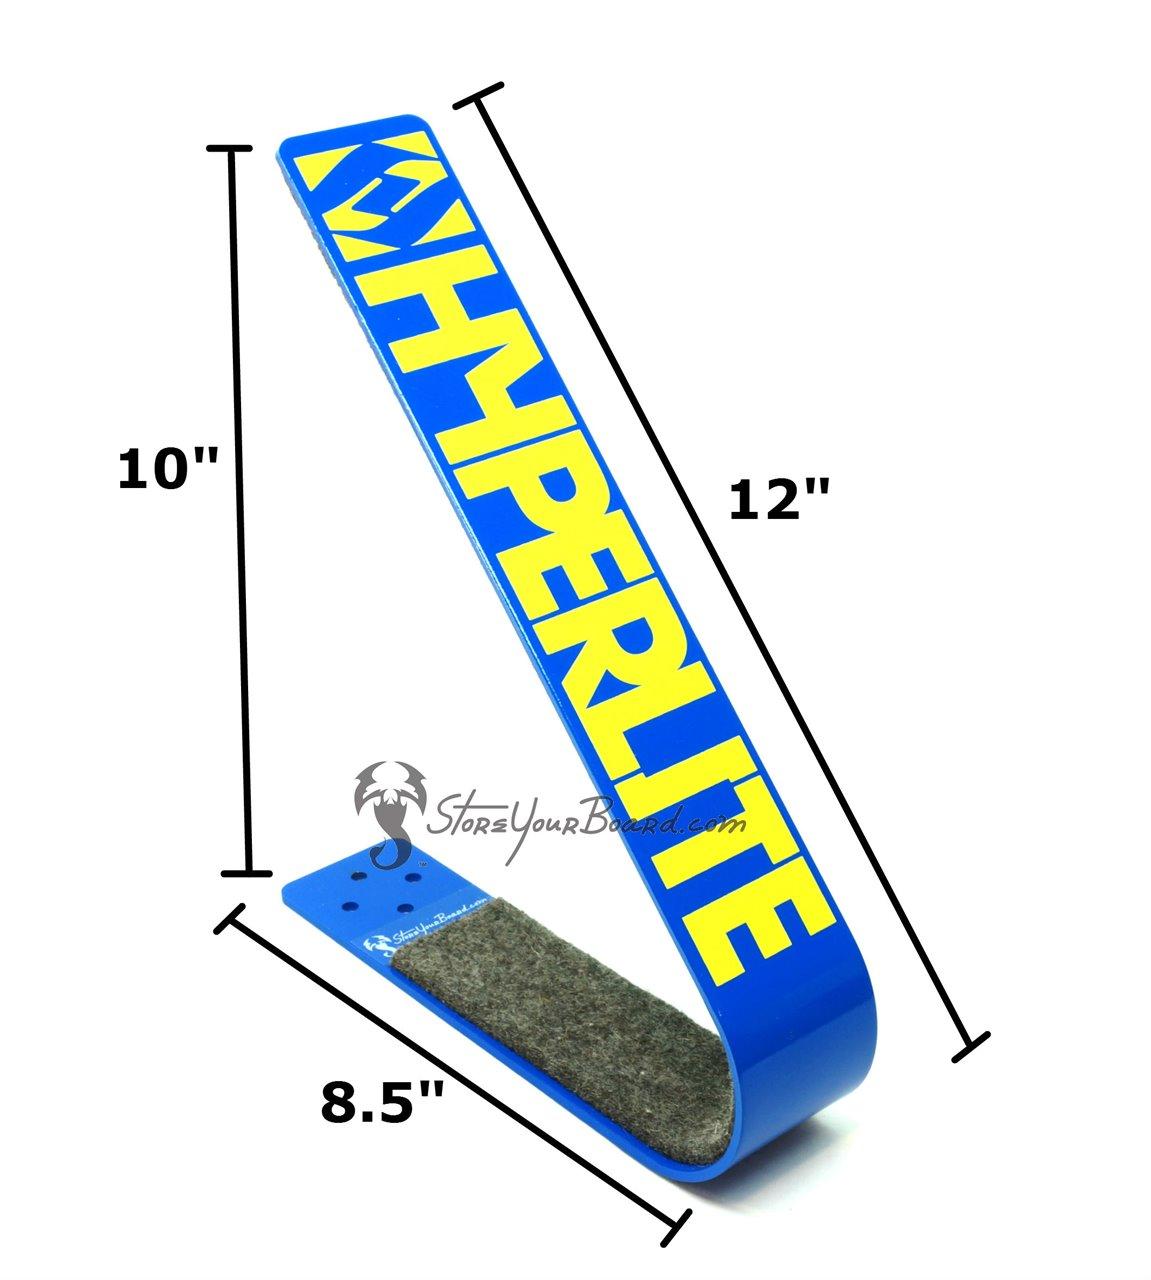 steel-wakeboard-rack-dimensions.jpg